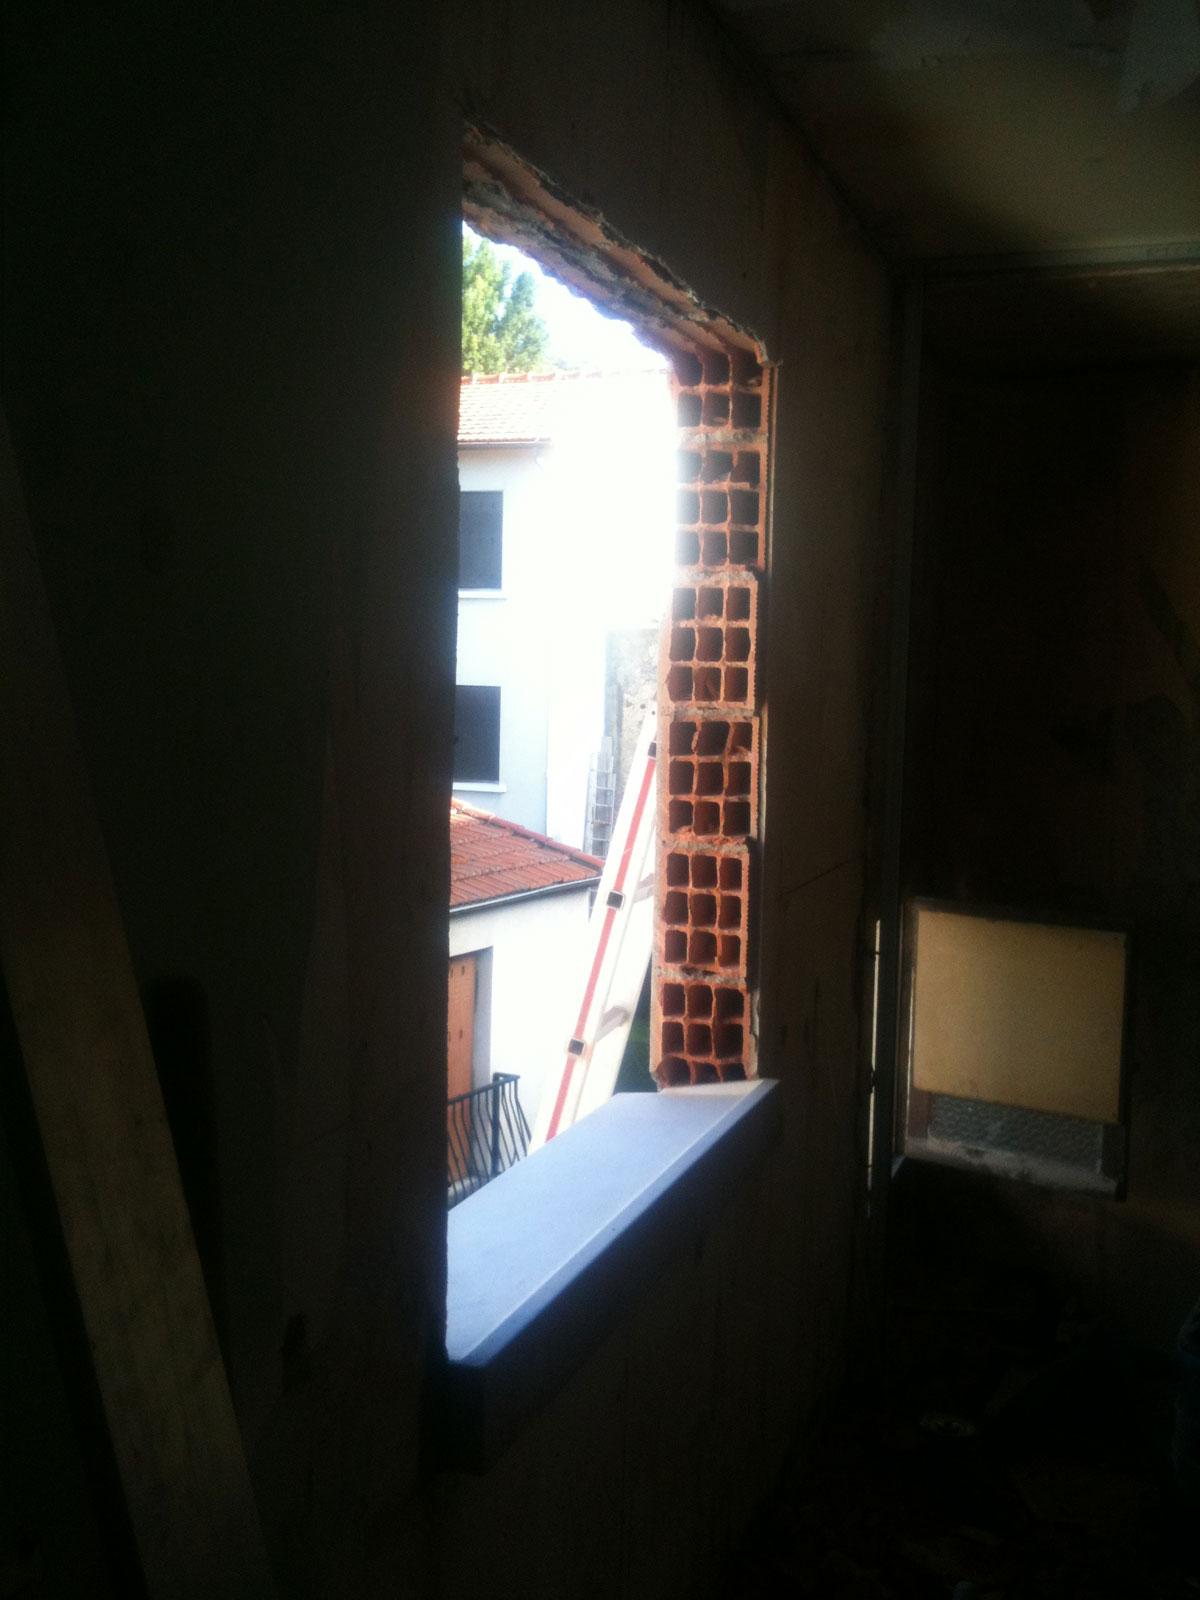 R novation de ma maison ajouter une fen tre for Poseur de fenetre